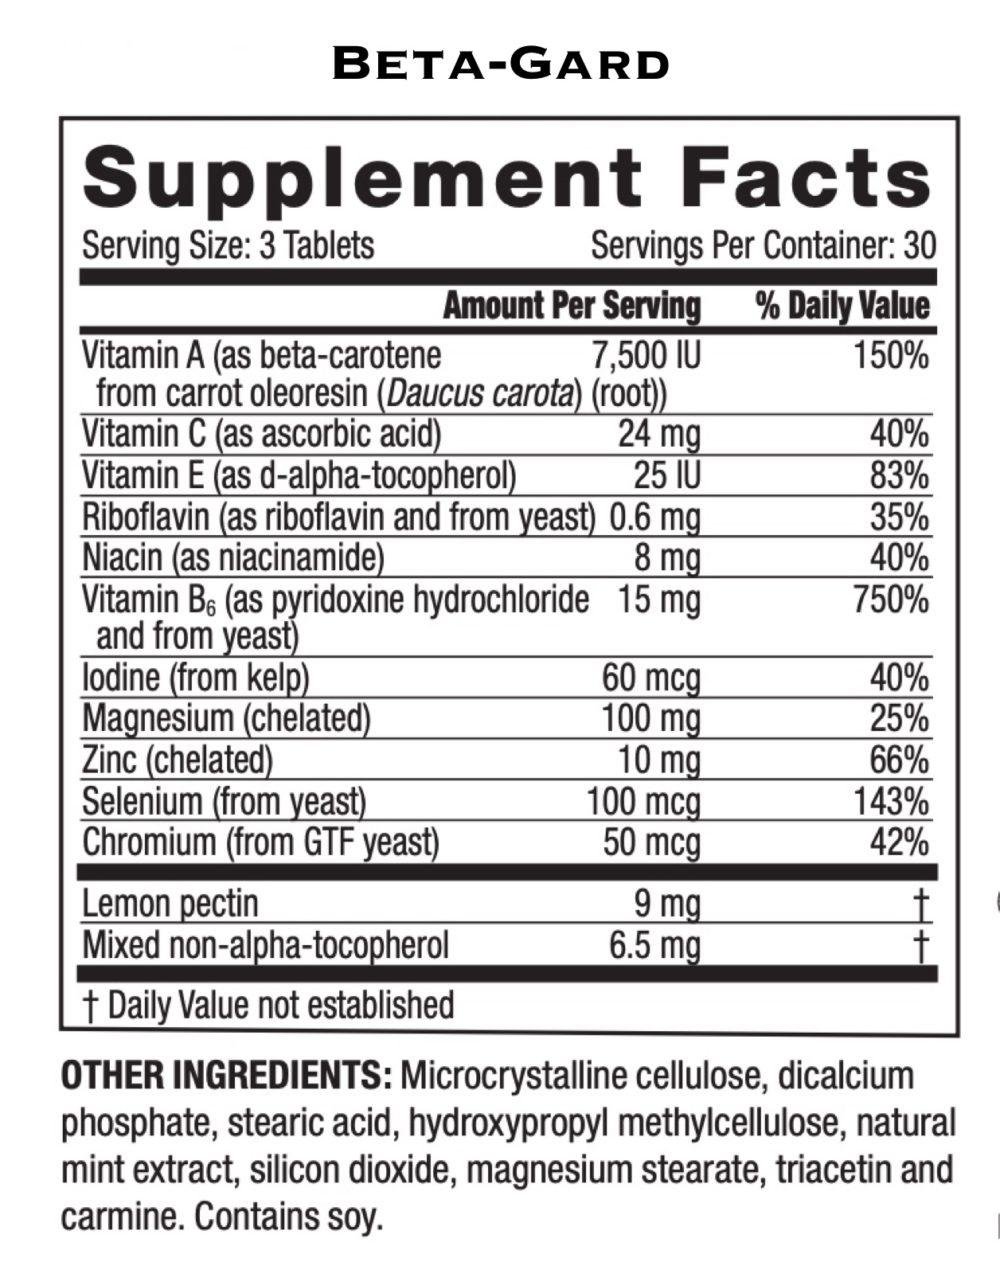 Betagard ingredients